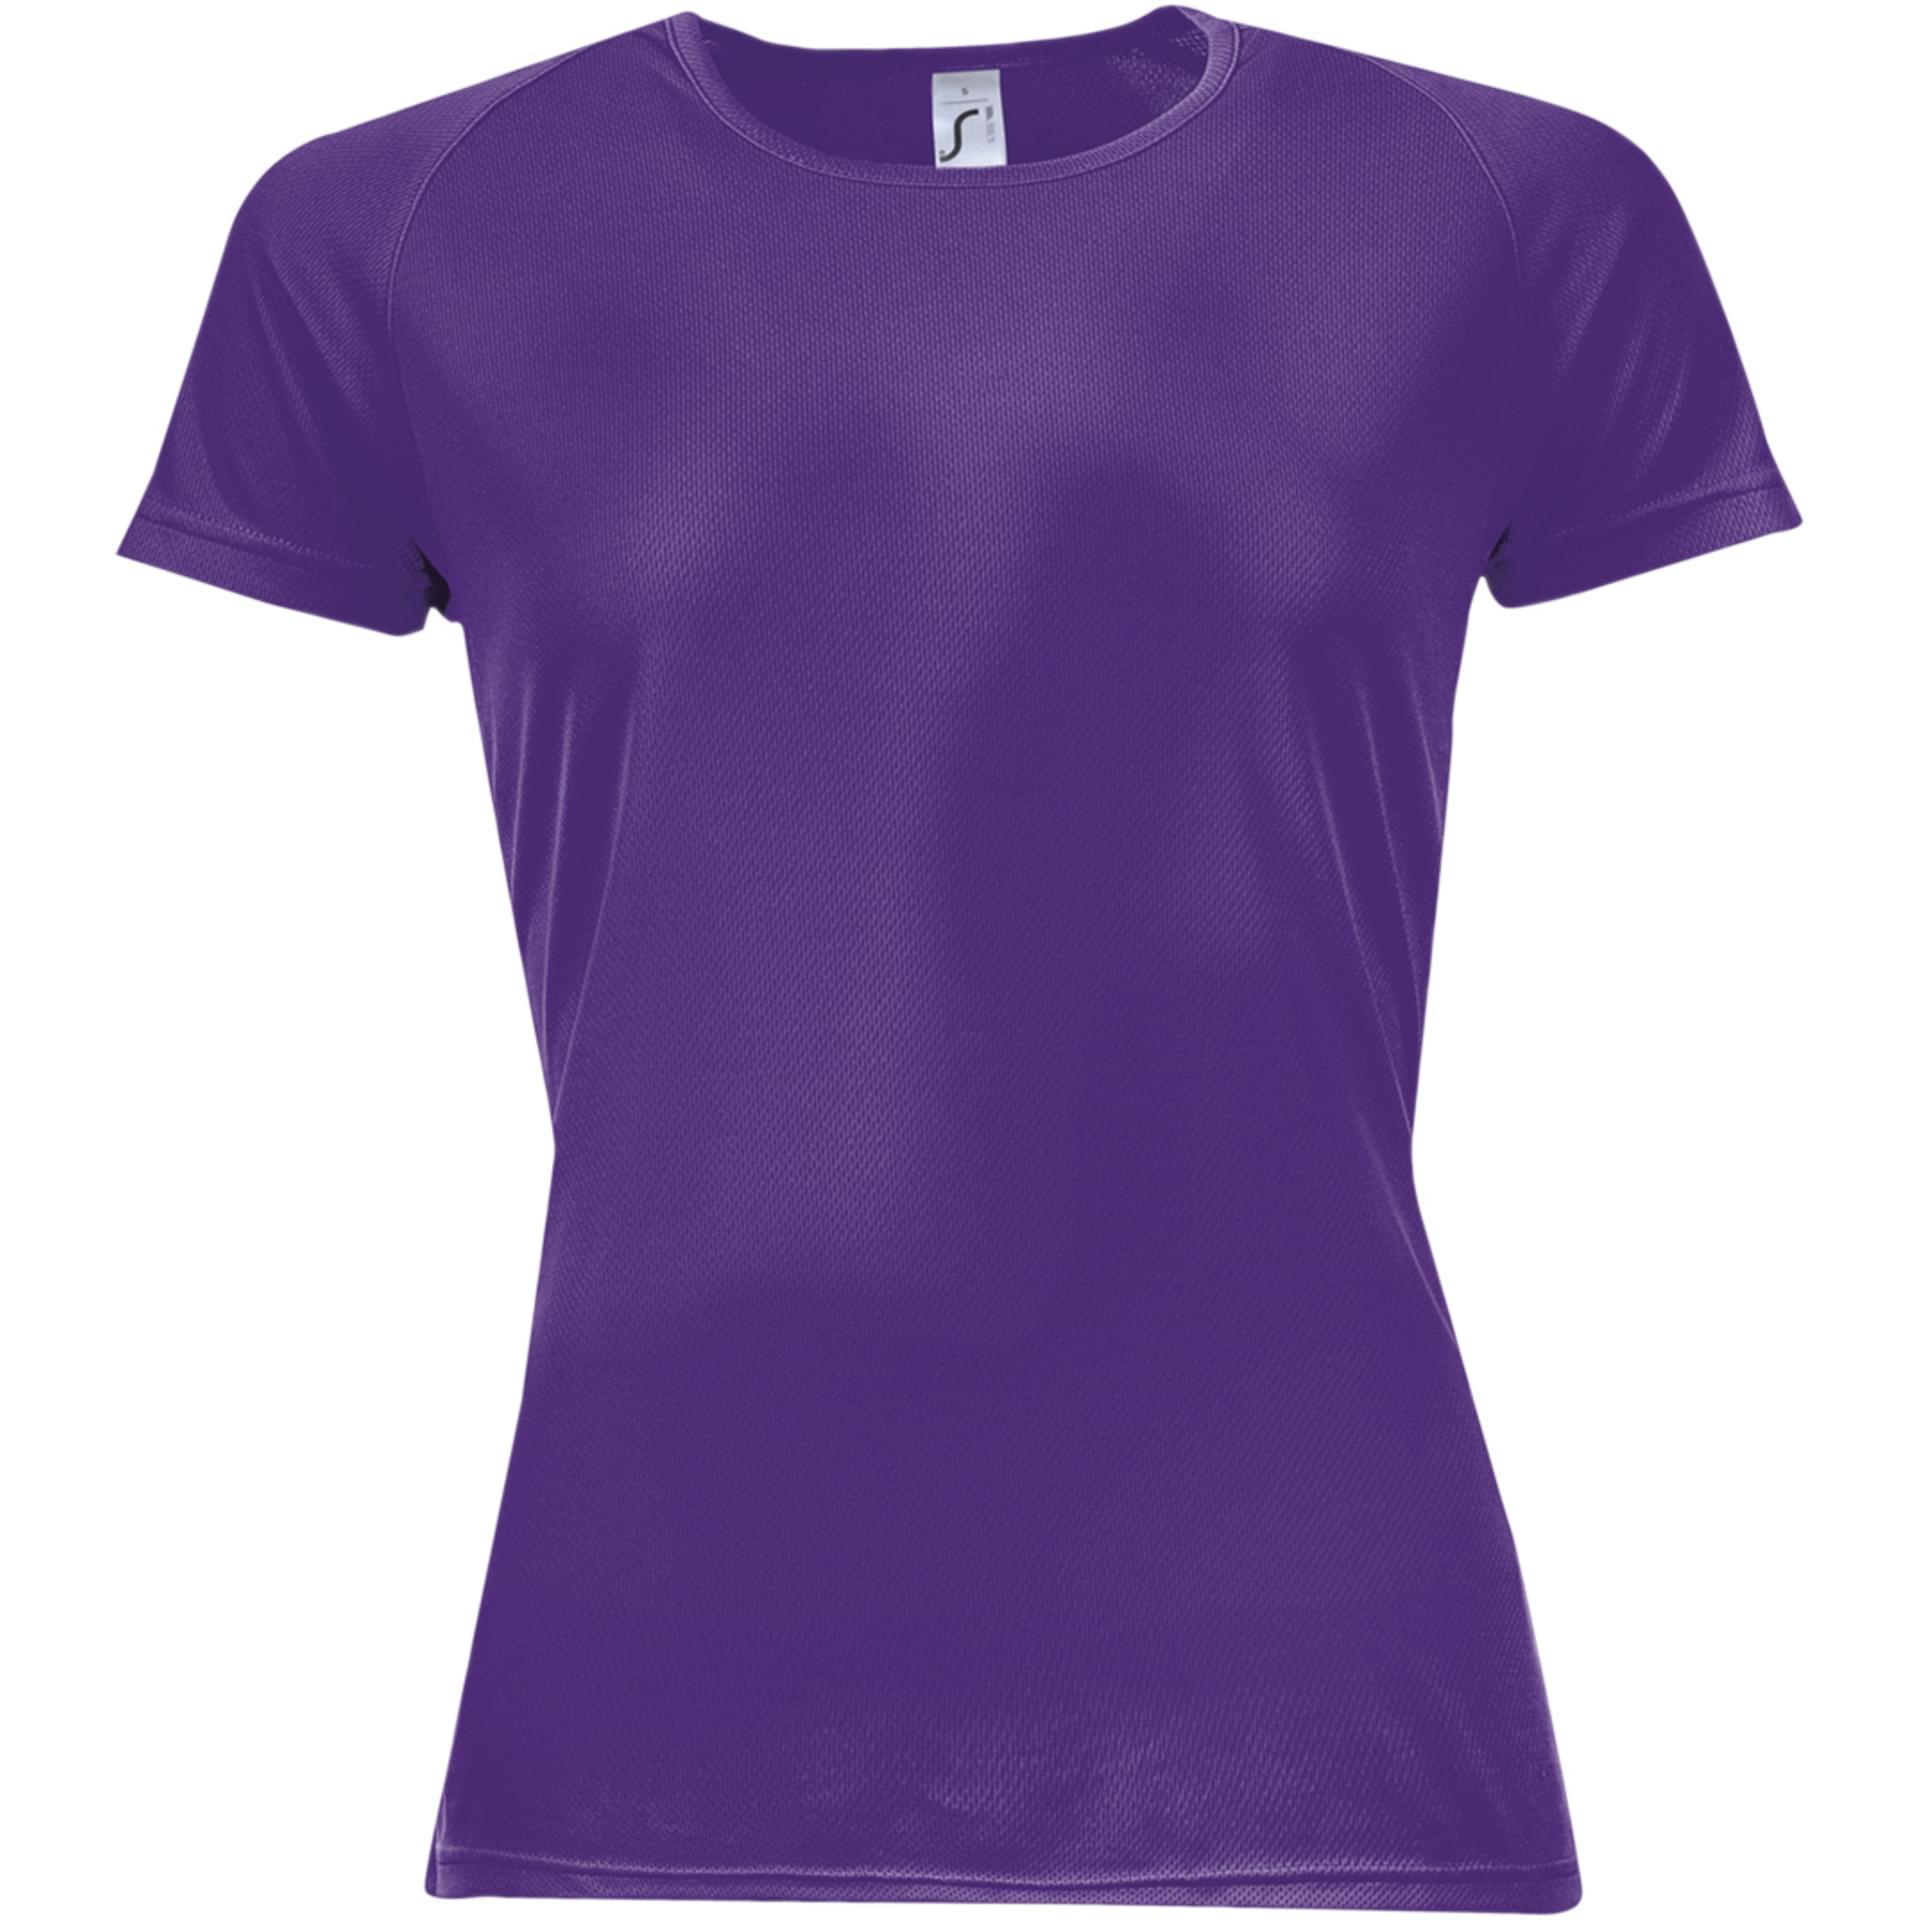 Tee shirt personnalis sporty women sol 39 s violet fonce - Couleur violet fonce ...